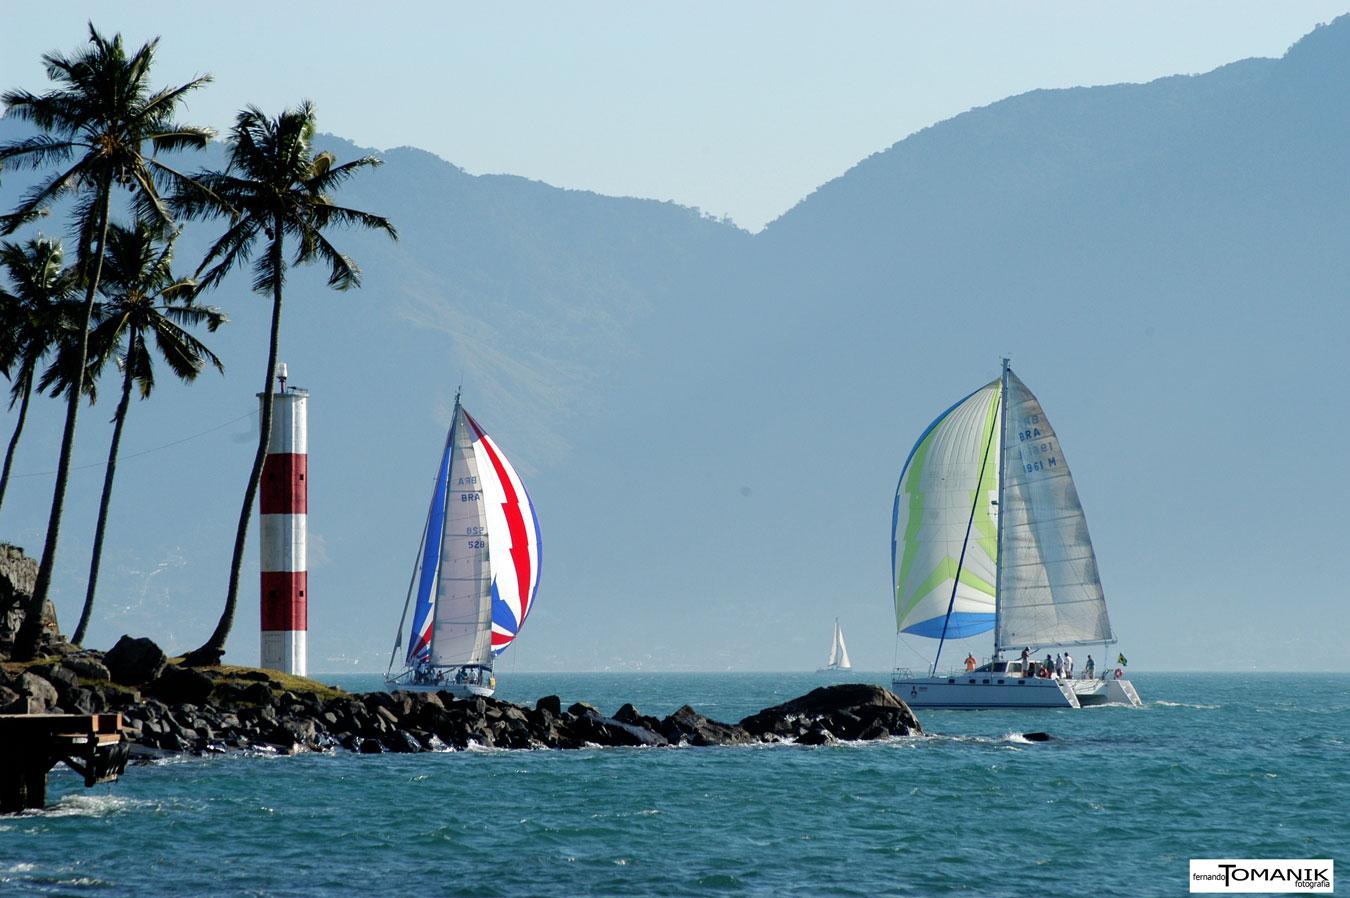 Veleiros na Ponta das Canas - Ilhabela (foto: Fernando Tomanik)